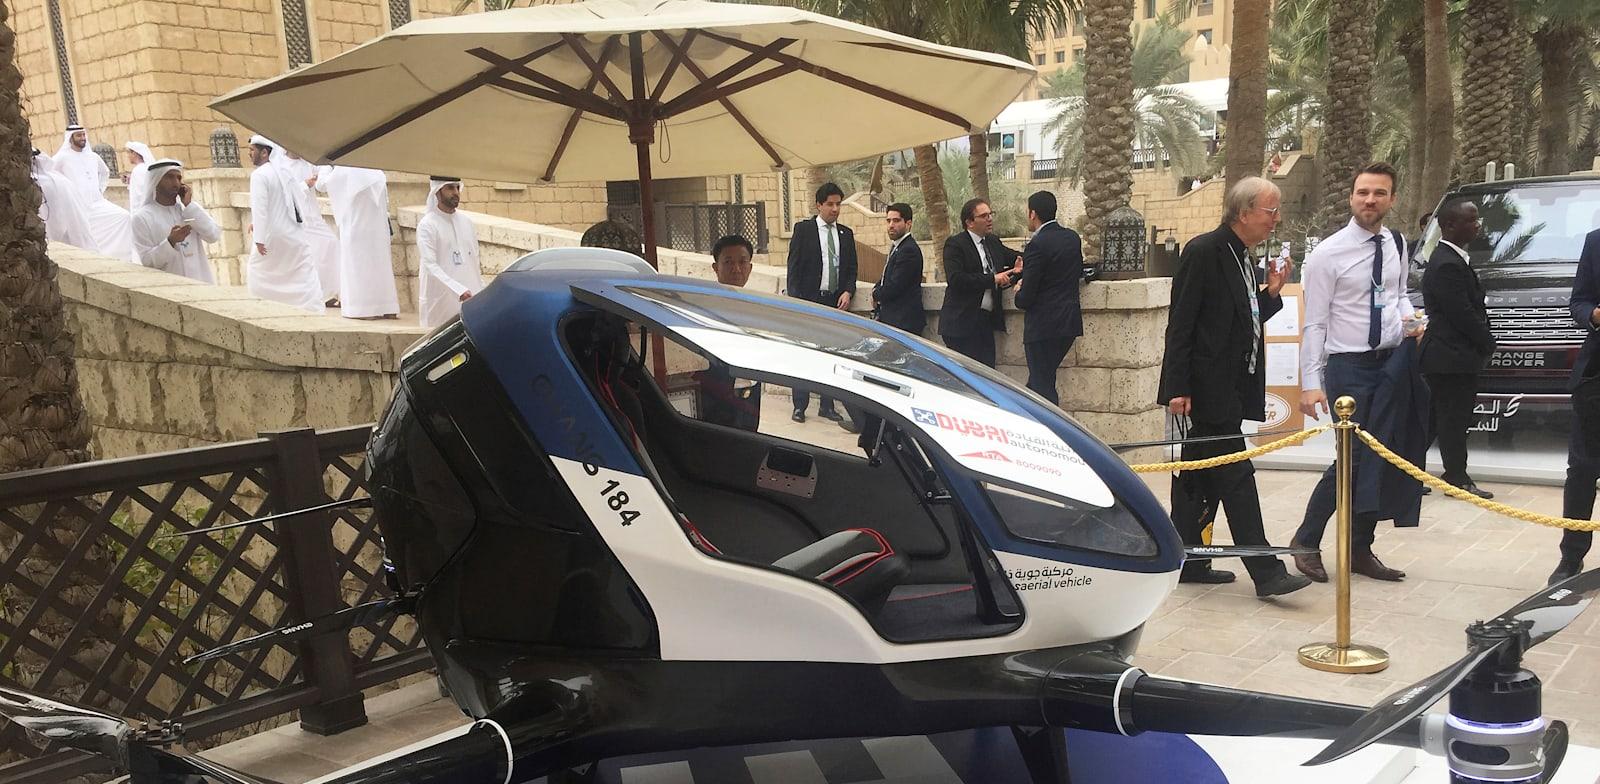 אחד הפיתוחים למונית אוטונומית שהוצג בכנס עולמי בדובאי / צילום: Associated Press, Jon Gambrell